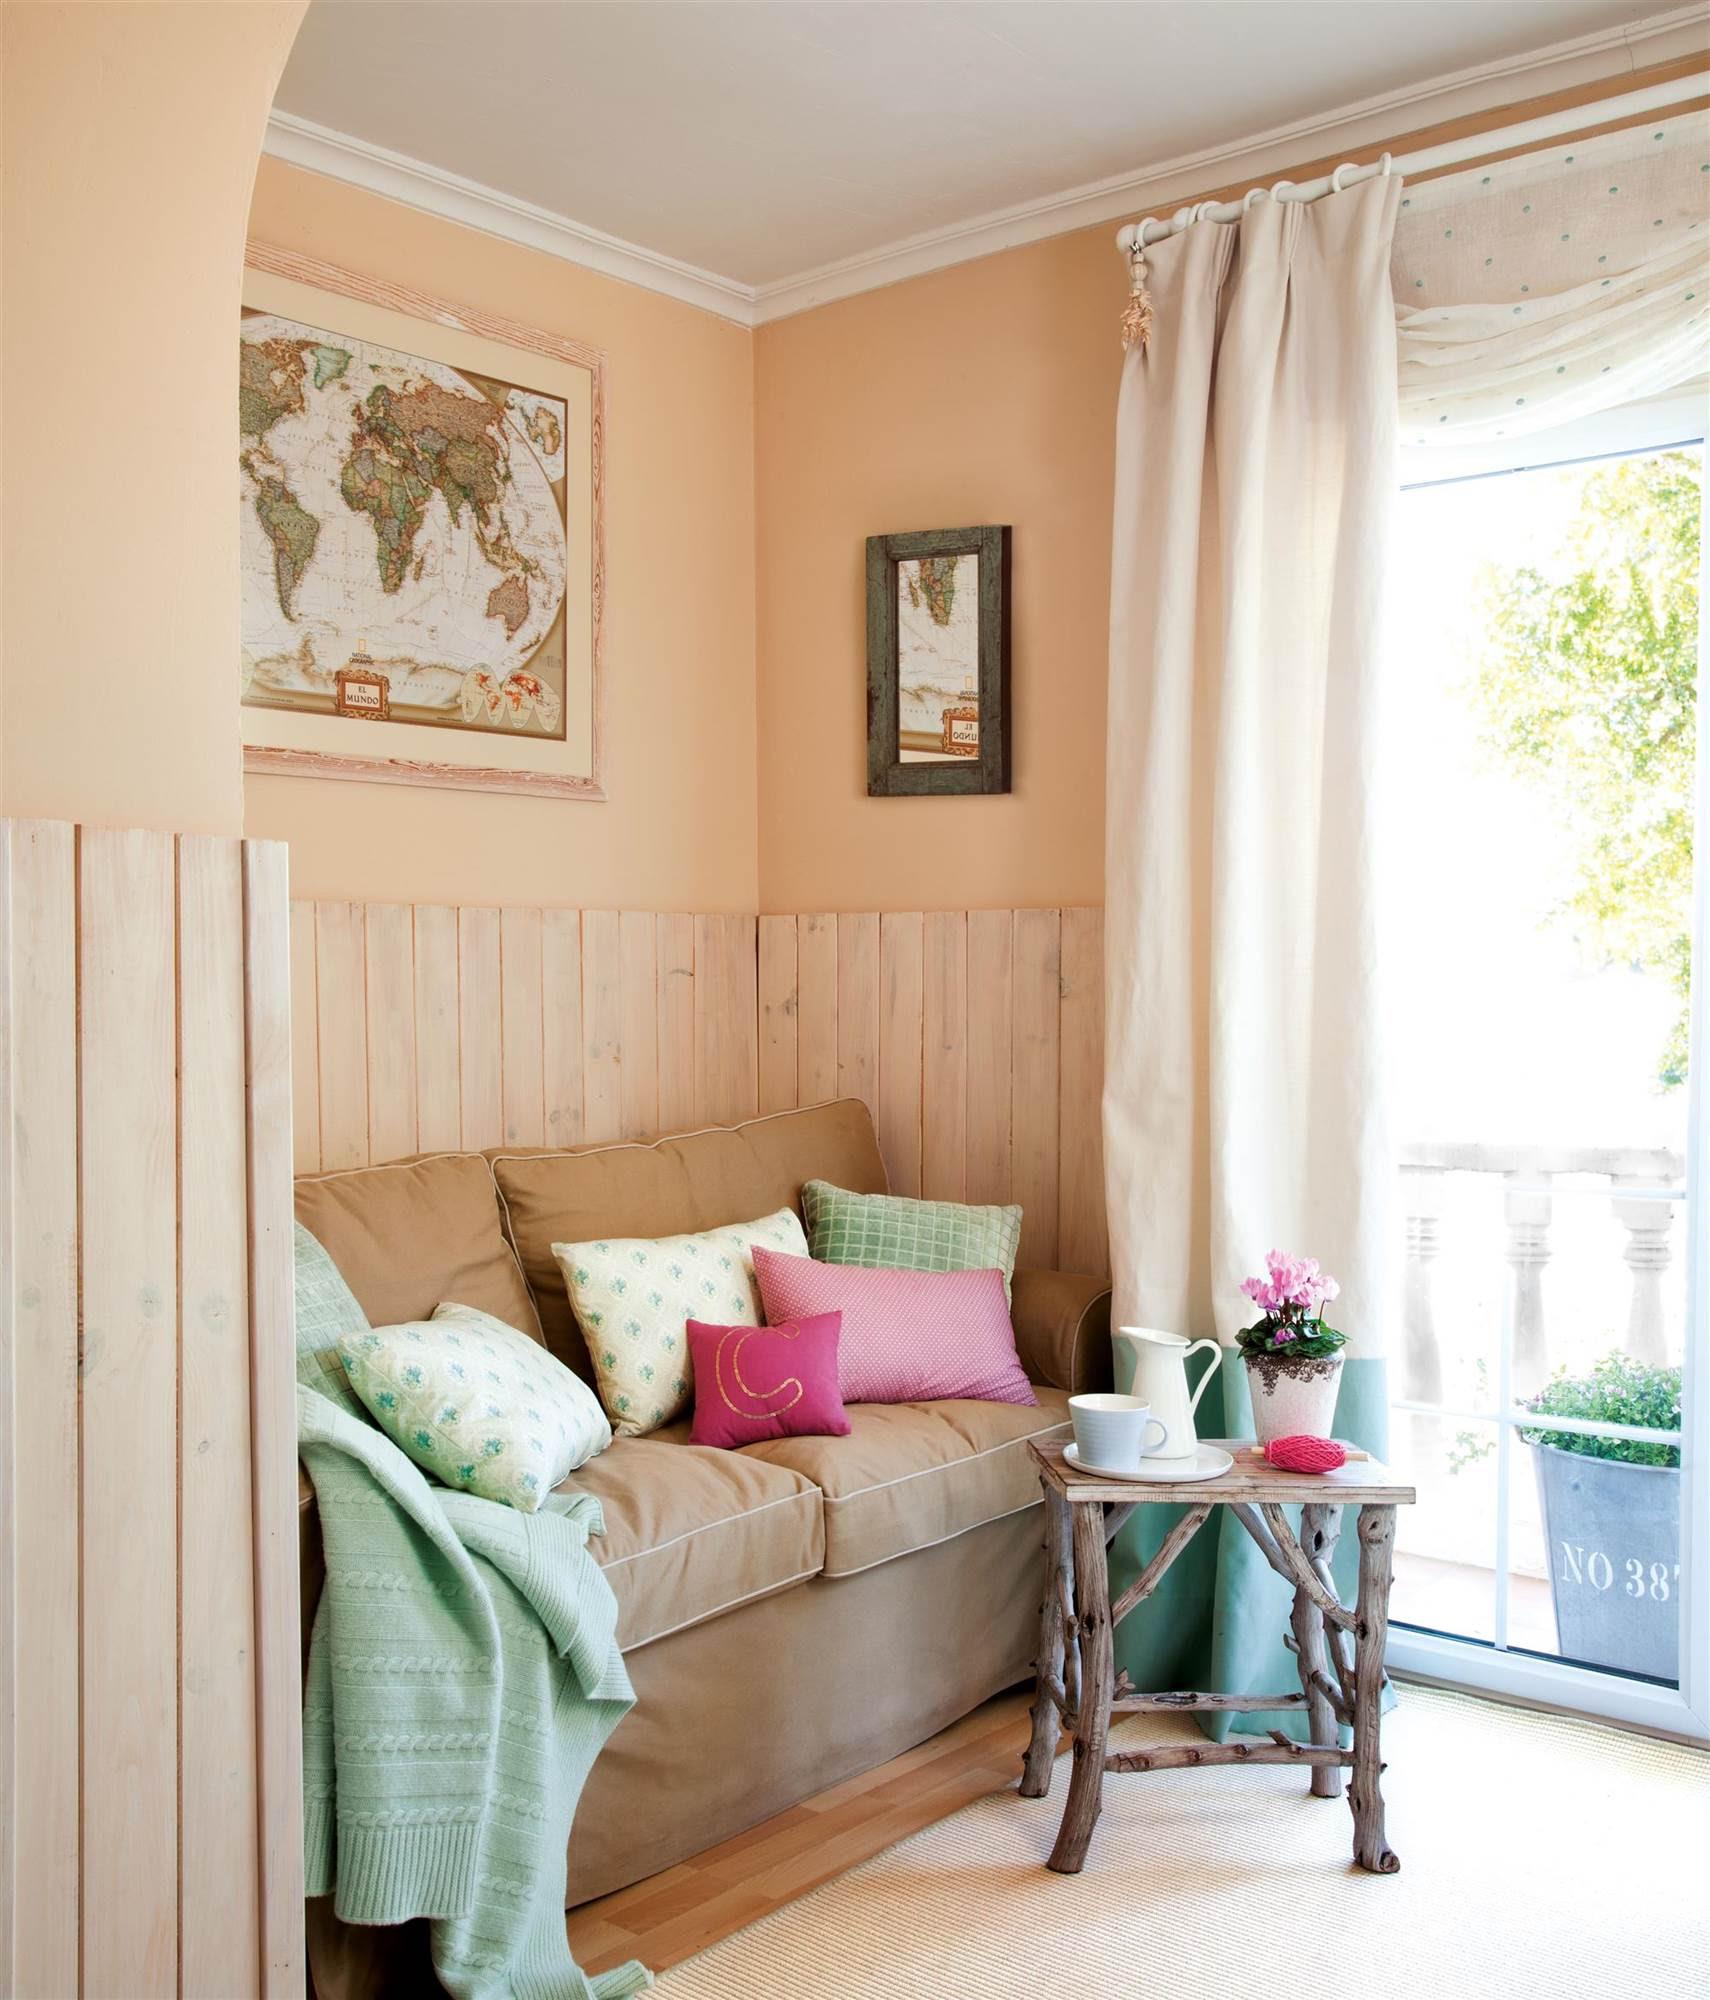 00329162. Habitación juvenil con un sofá, arrimadero de madera y un cuadro con un mapa_00329162